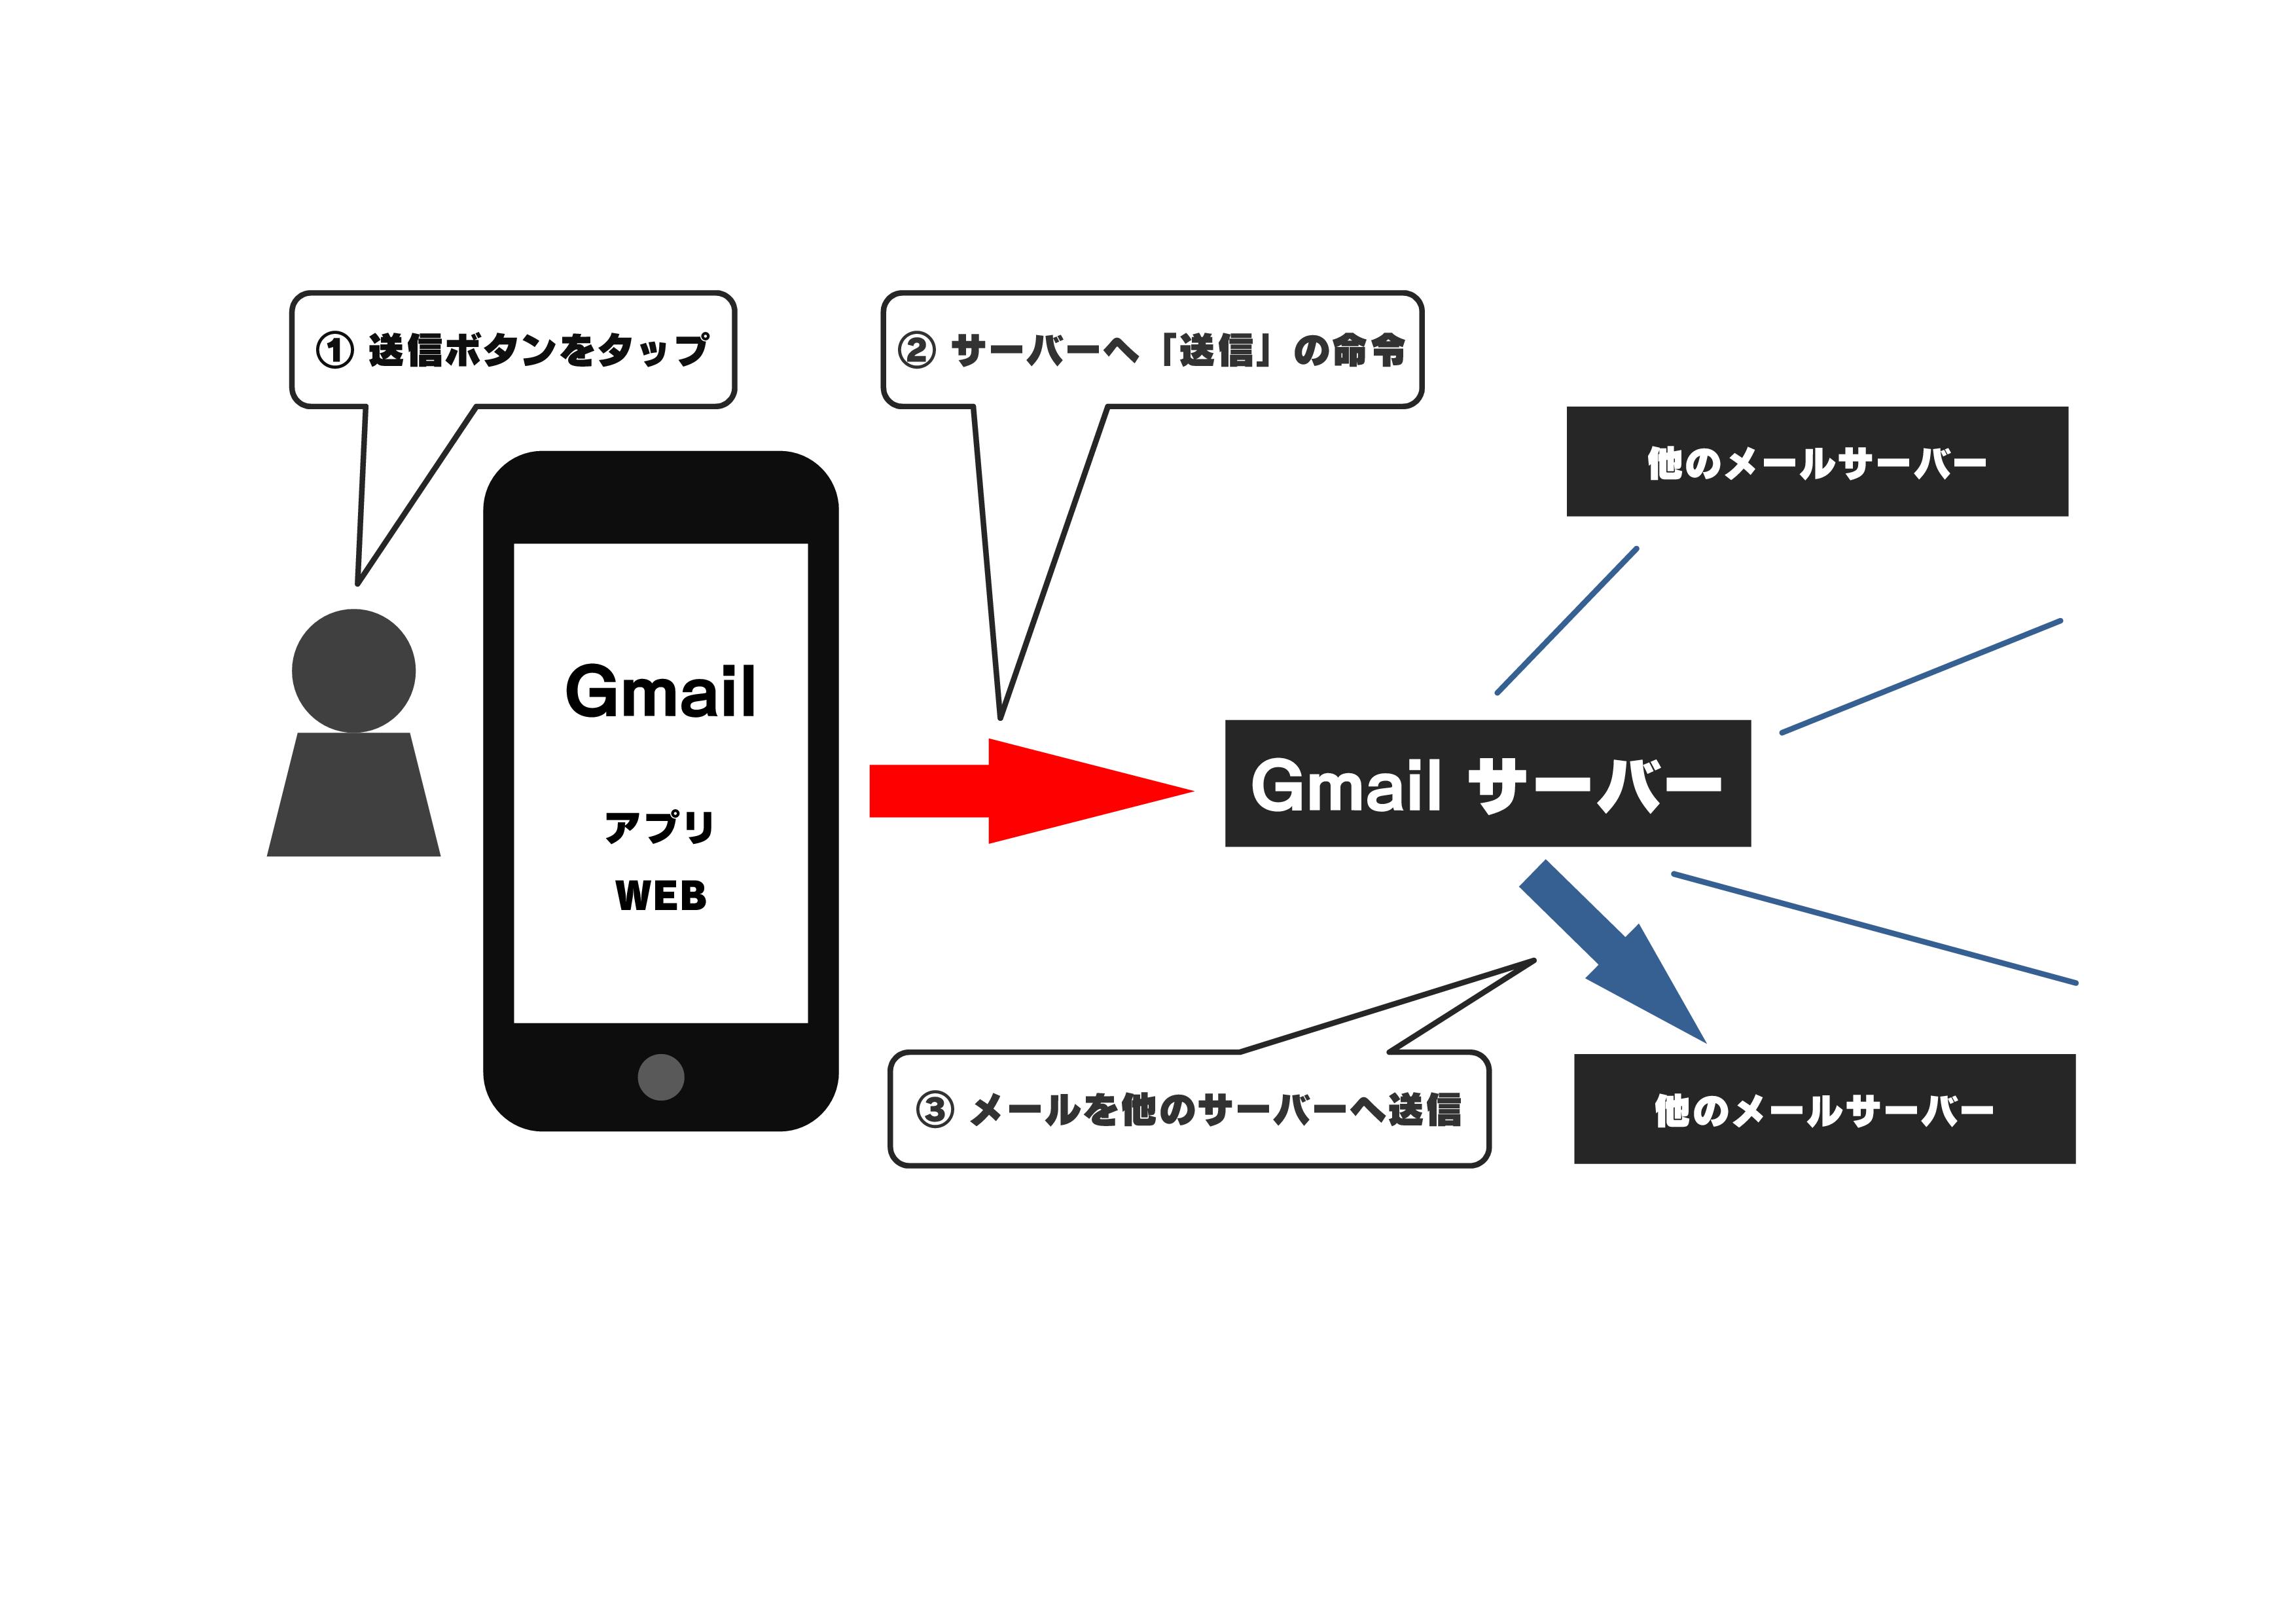 ブログのGmail説明用2